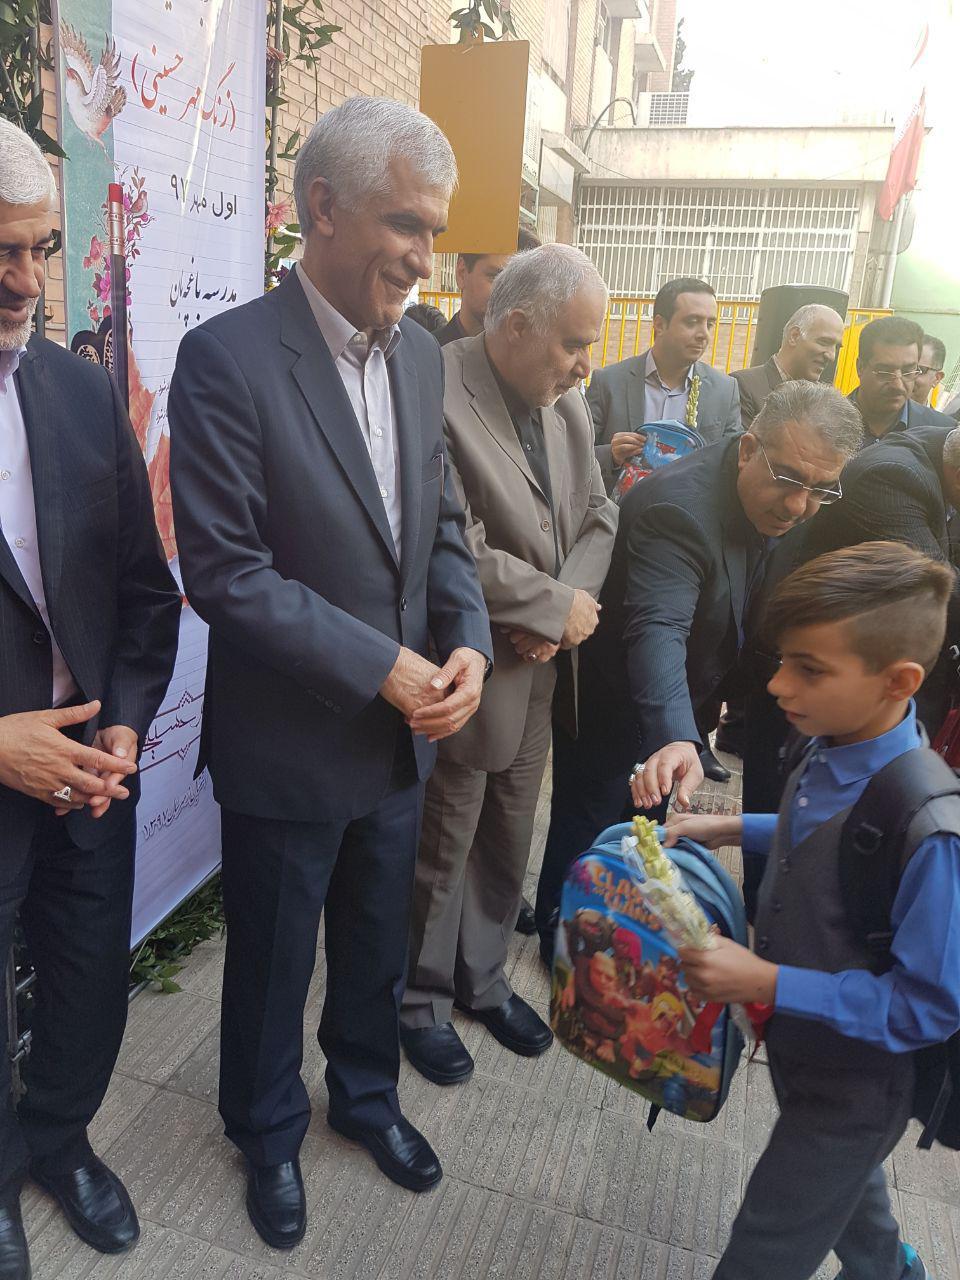 اهدای کیفهای مروج فراماسونی به دانش آموزان دبستانی توسط شهردار تهران